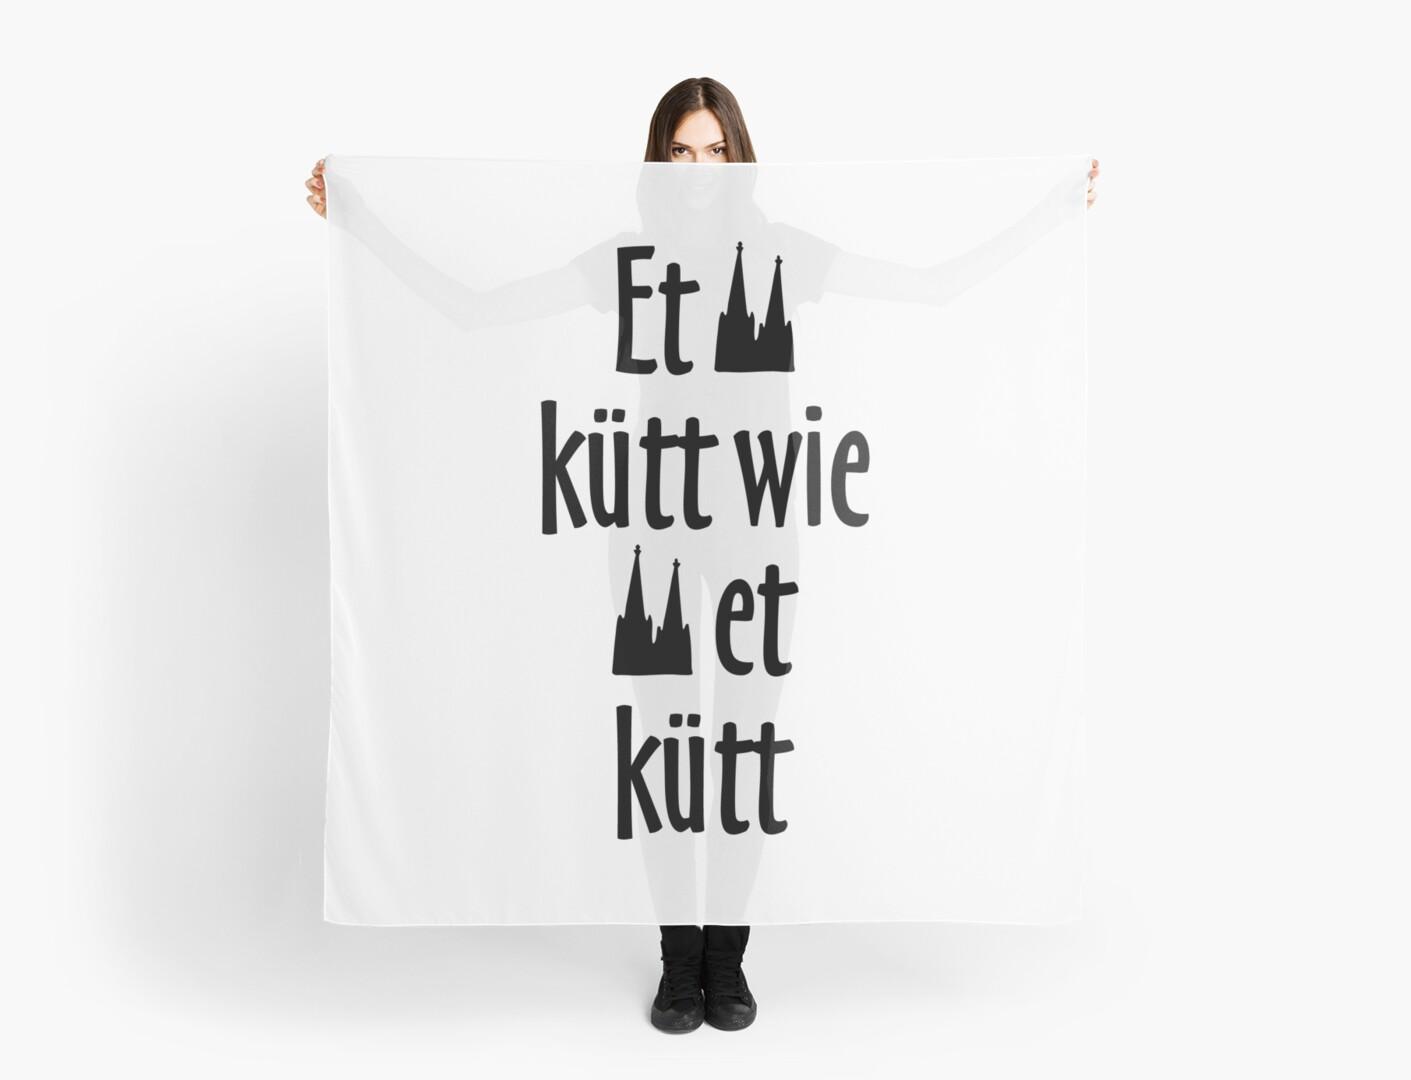 """et kütt wie et kütt - köln spruch kölsche sprüche"""" scarves"""